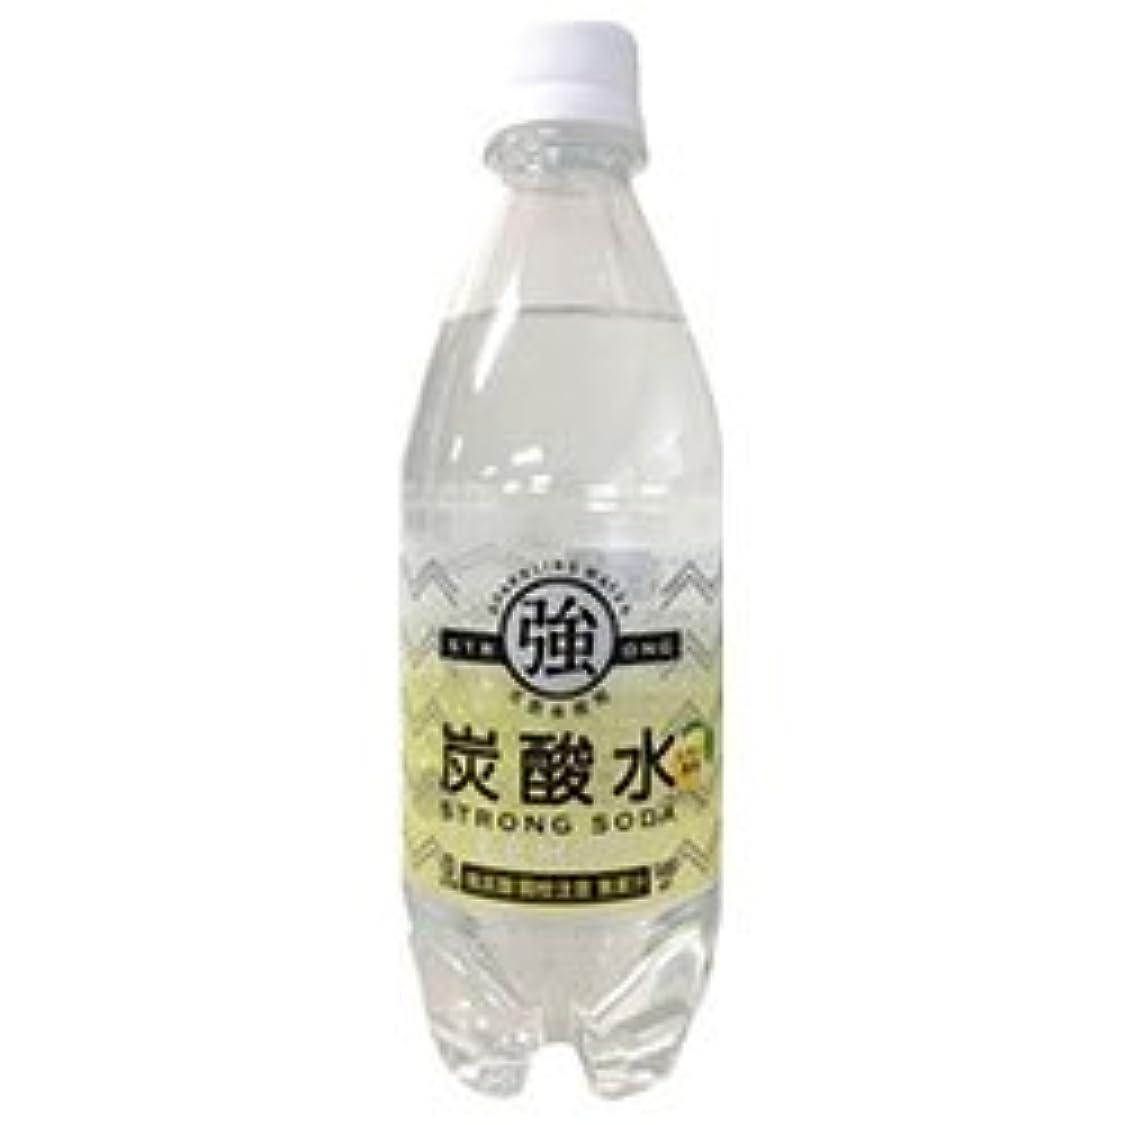 速いダーベビルのテスブレース友桝飲料 強炭酸水レモン 500mlペットボトル×24本入